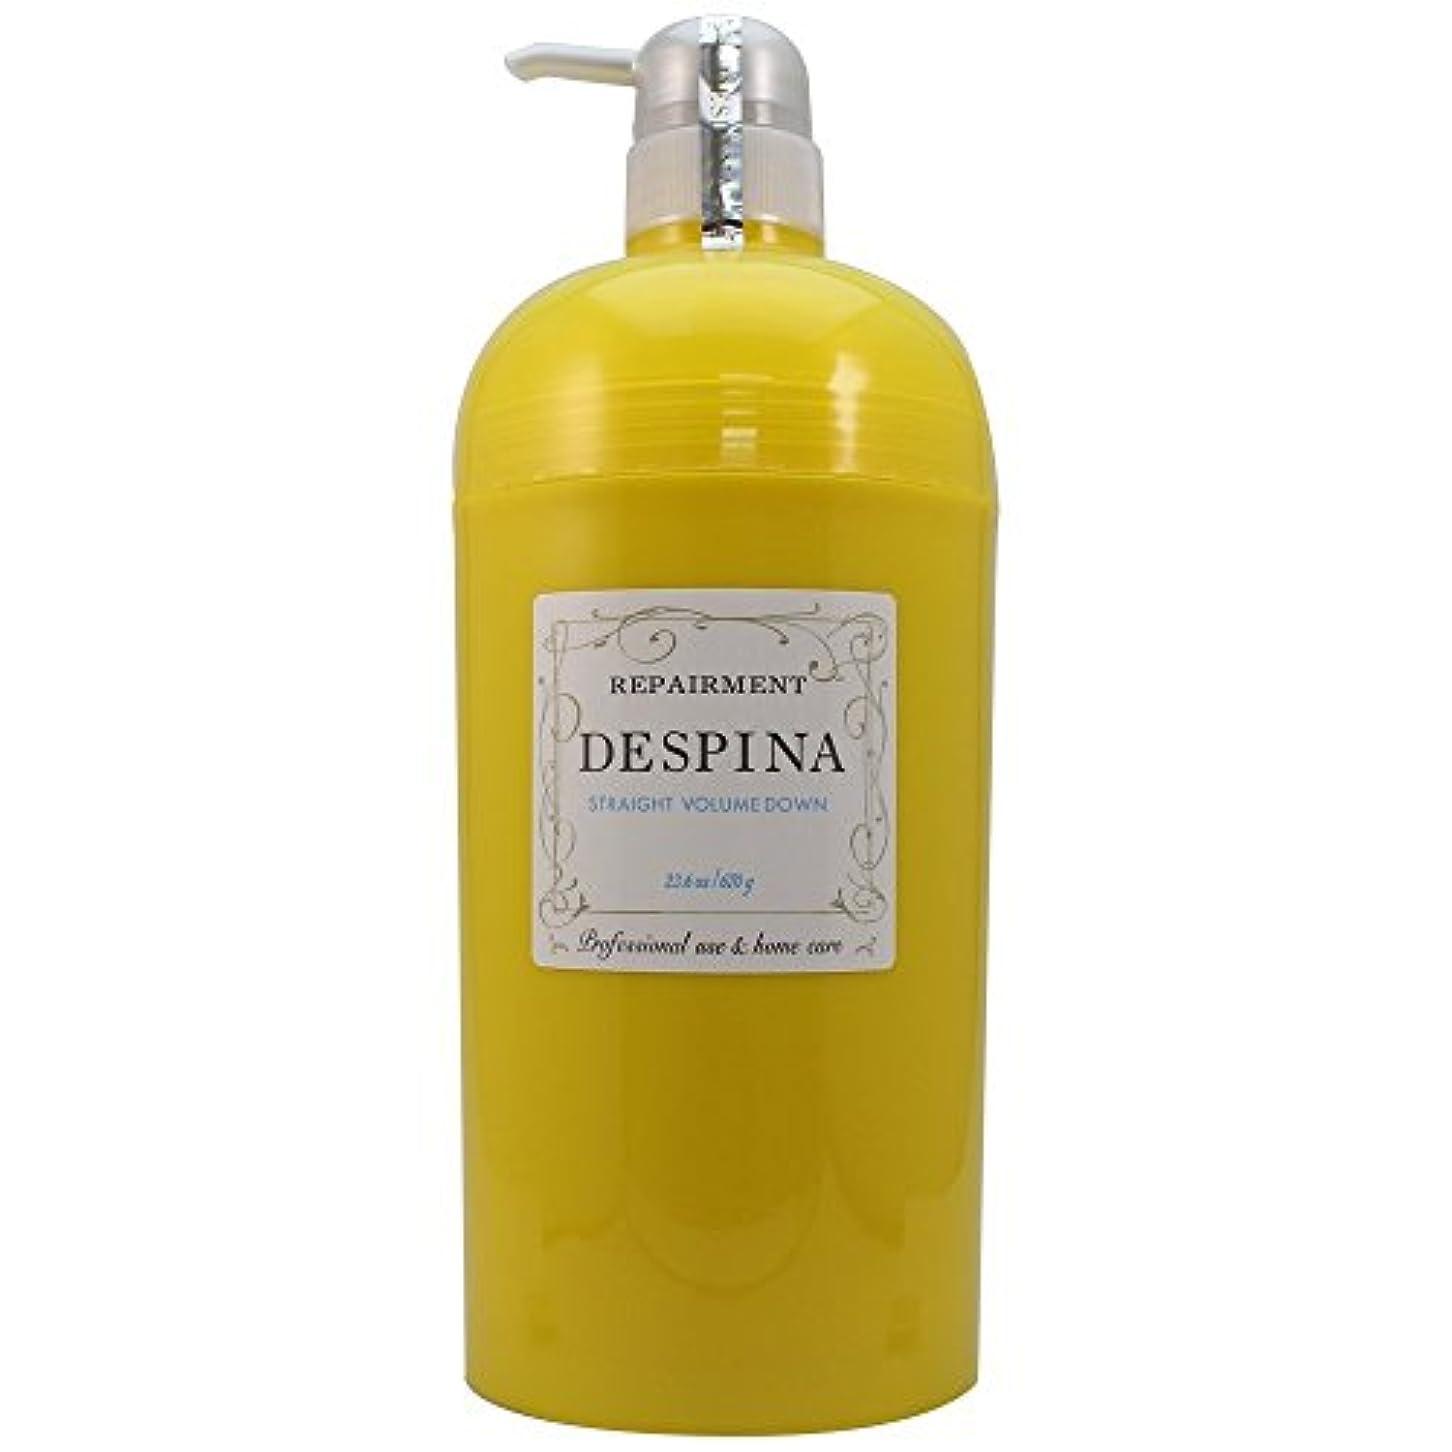 満足できる知覚する油中野製薬 デスピナ リペアメント ストレート ボリュームダウン 670g